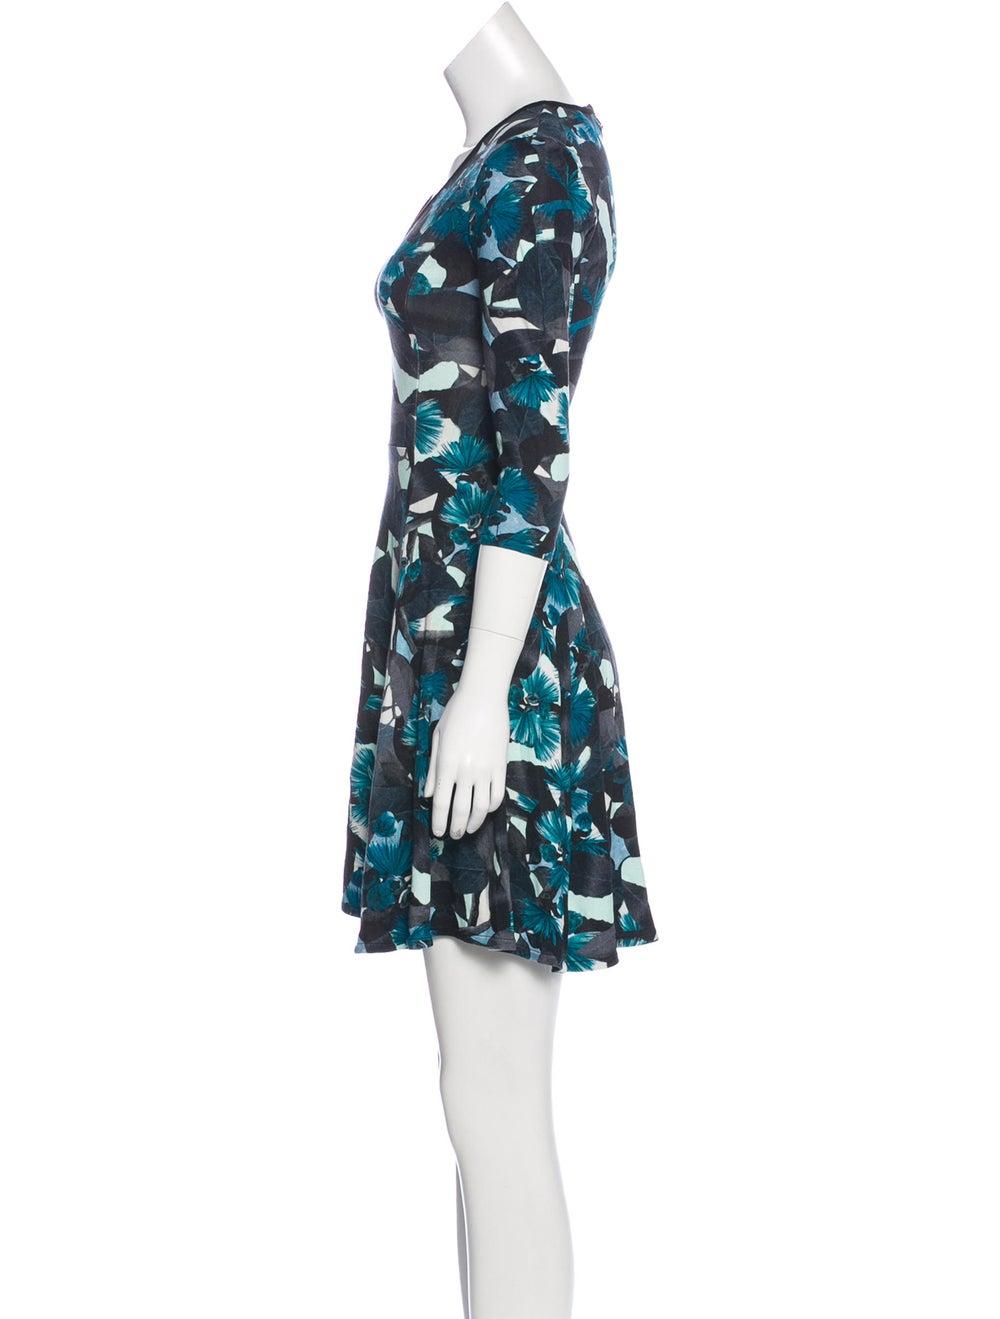 Erdem Floral Flared Dress Blue - image 2